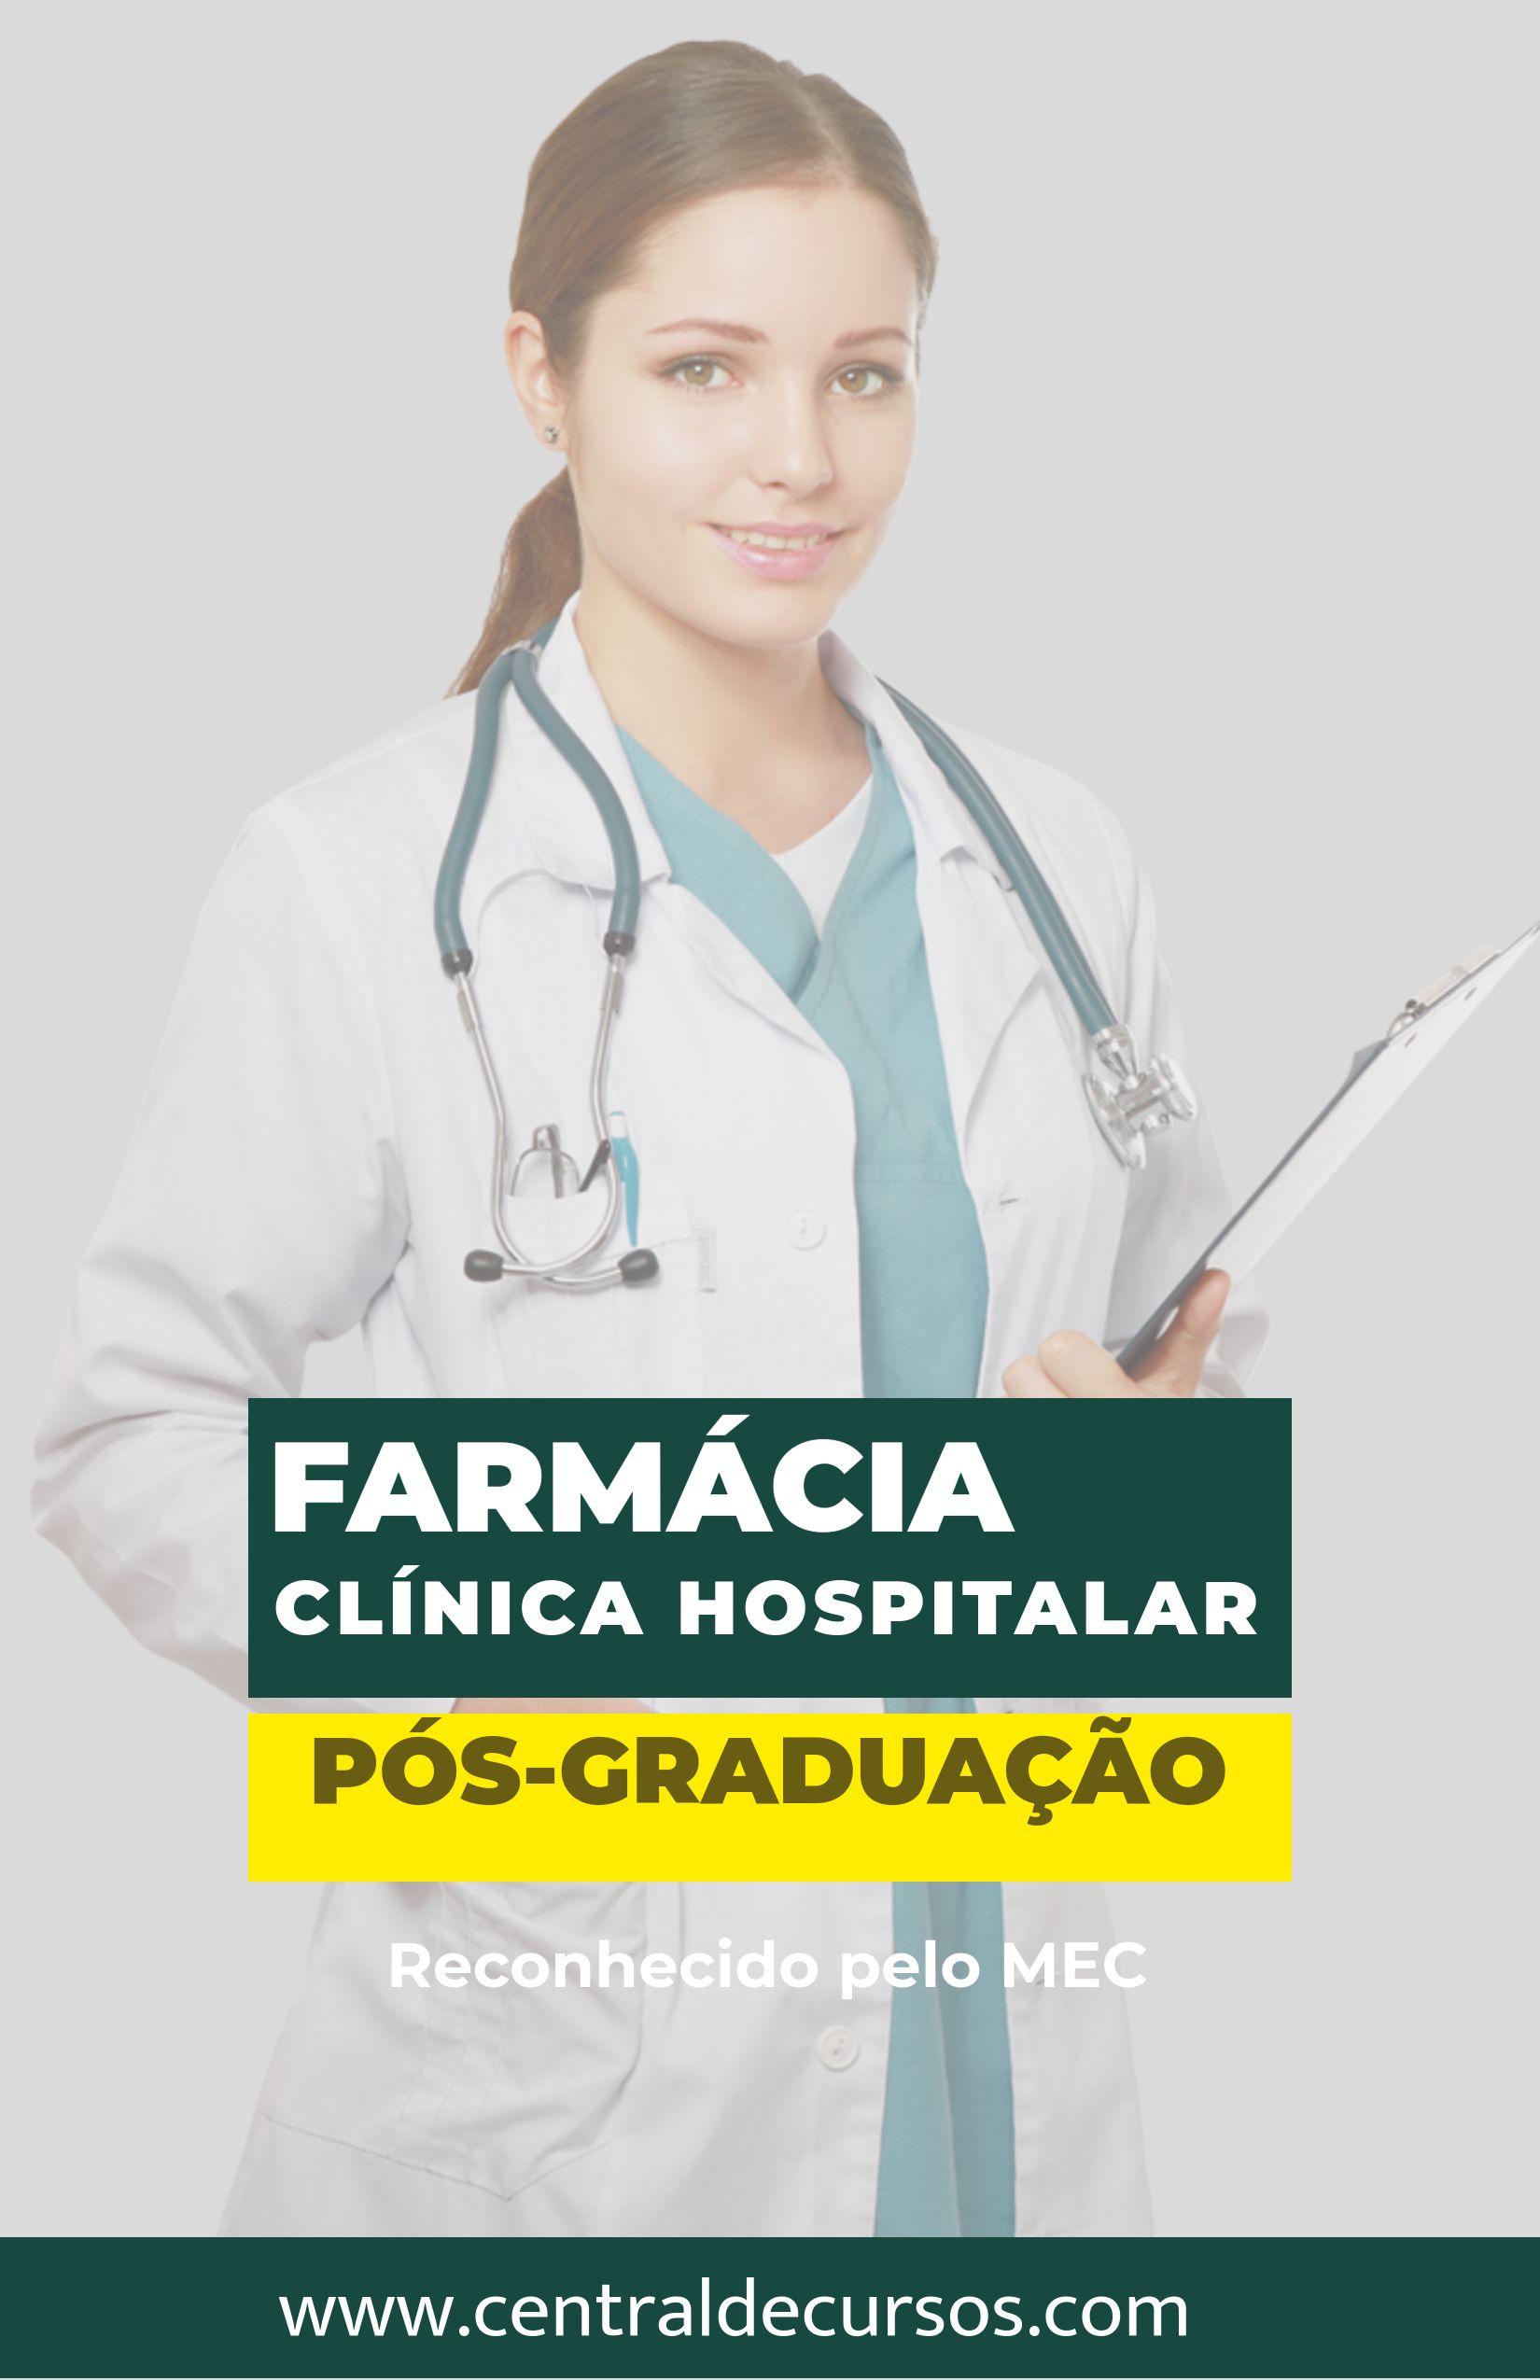 pós-graduação em clínica hospitalar